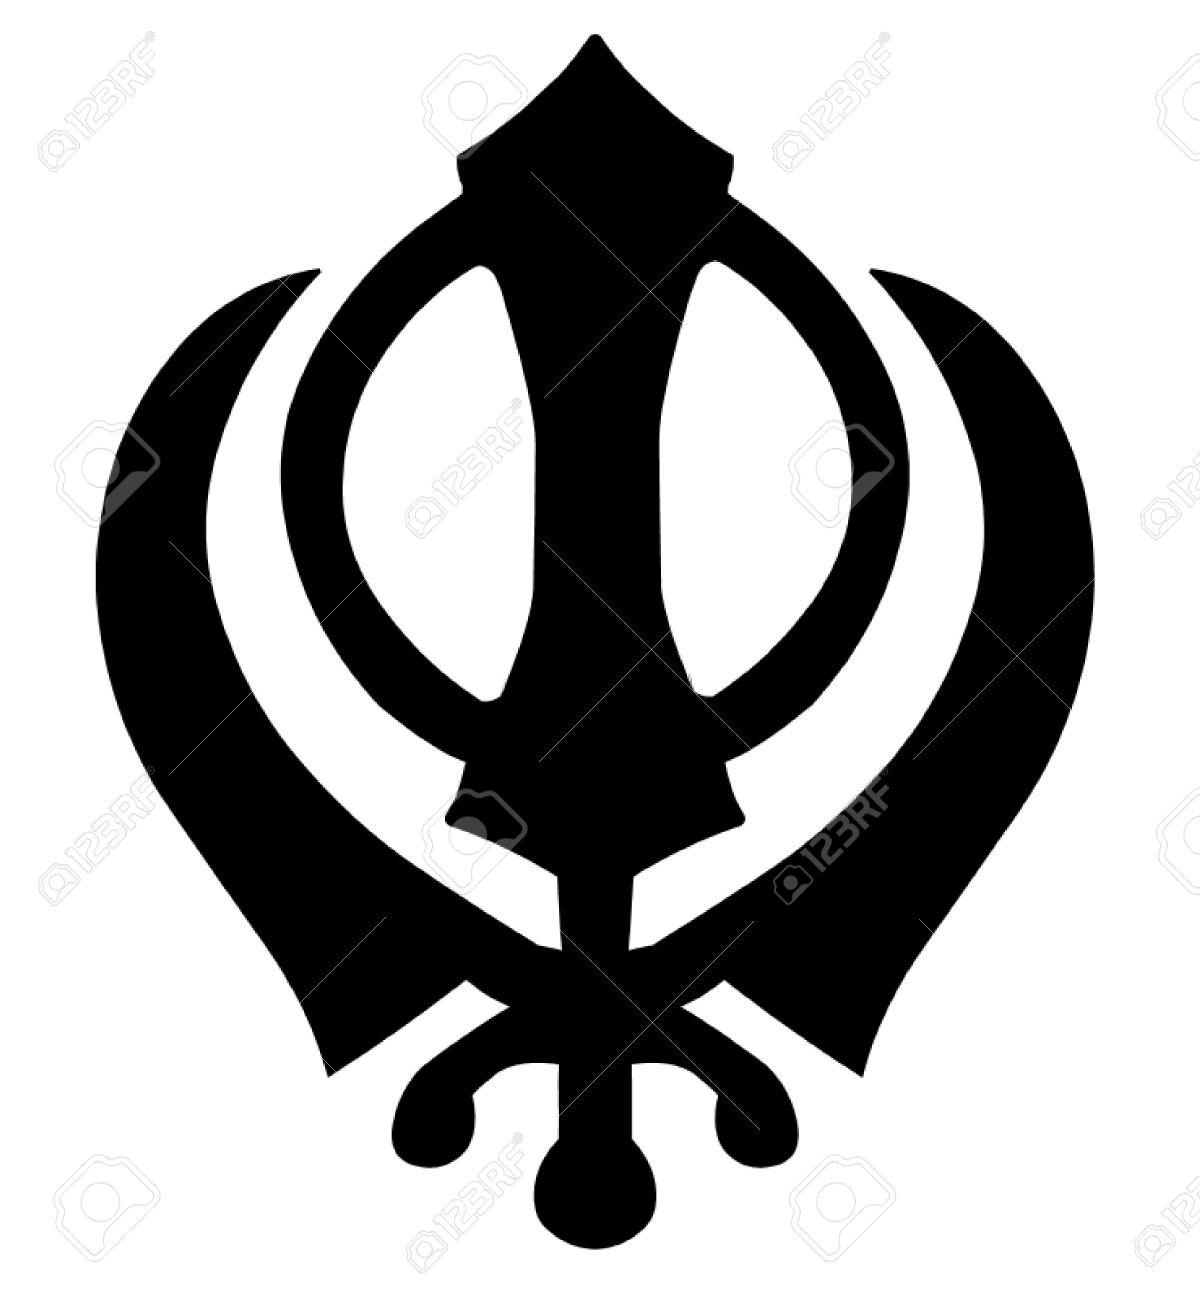 Khanda Sikh Symbol Royalty Free Cliparts, Vectors, And Stock ...